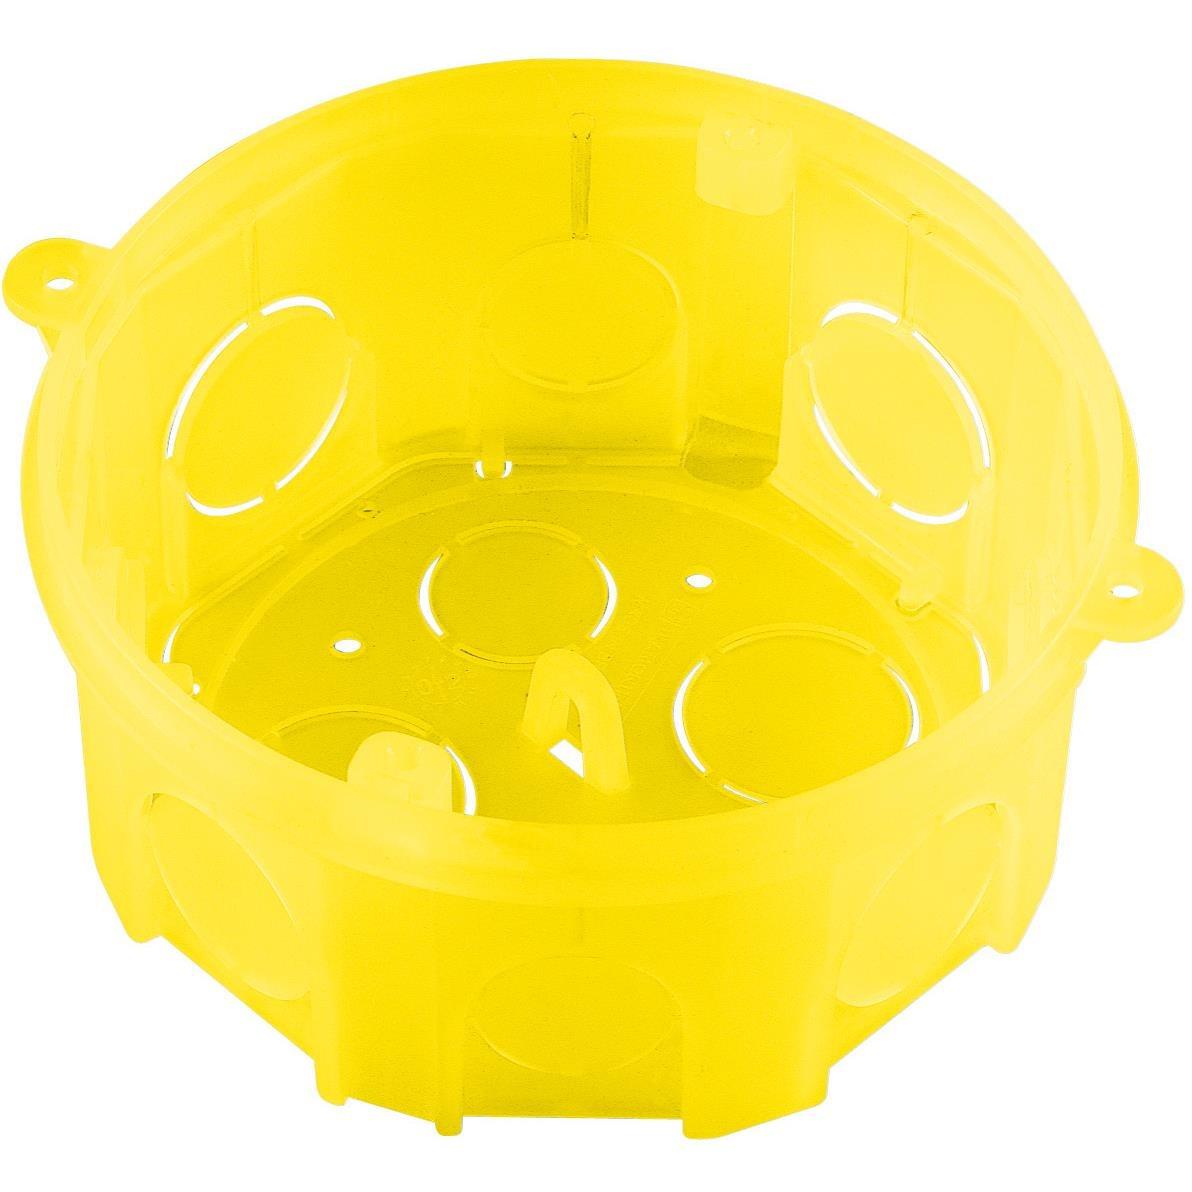 Caixa Eletrica de Plastico 4x4 Amarela Octogonal 57500004 - Tramontina